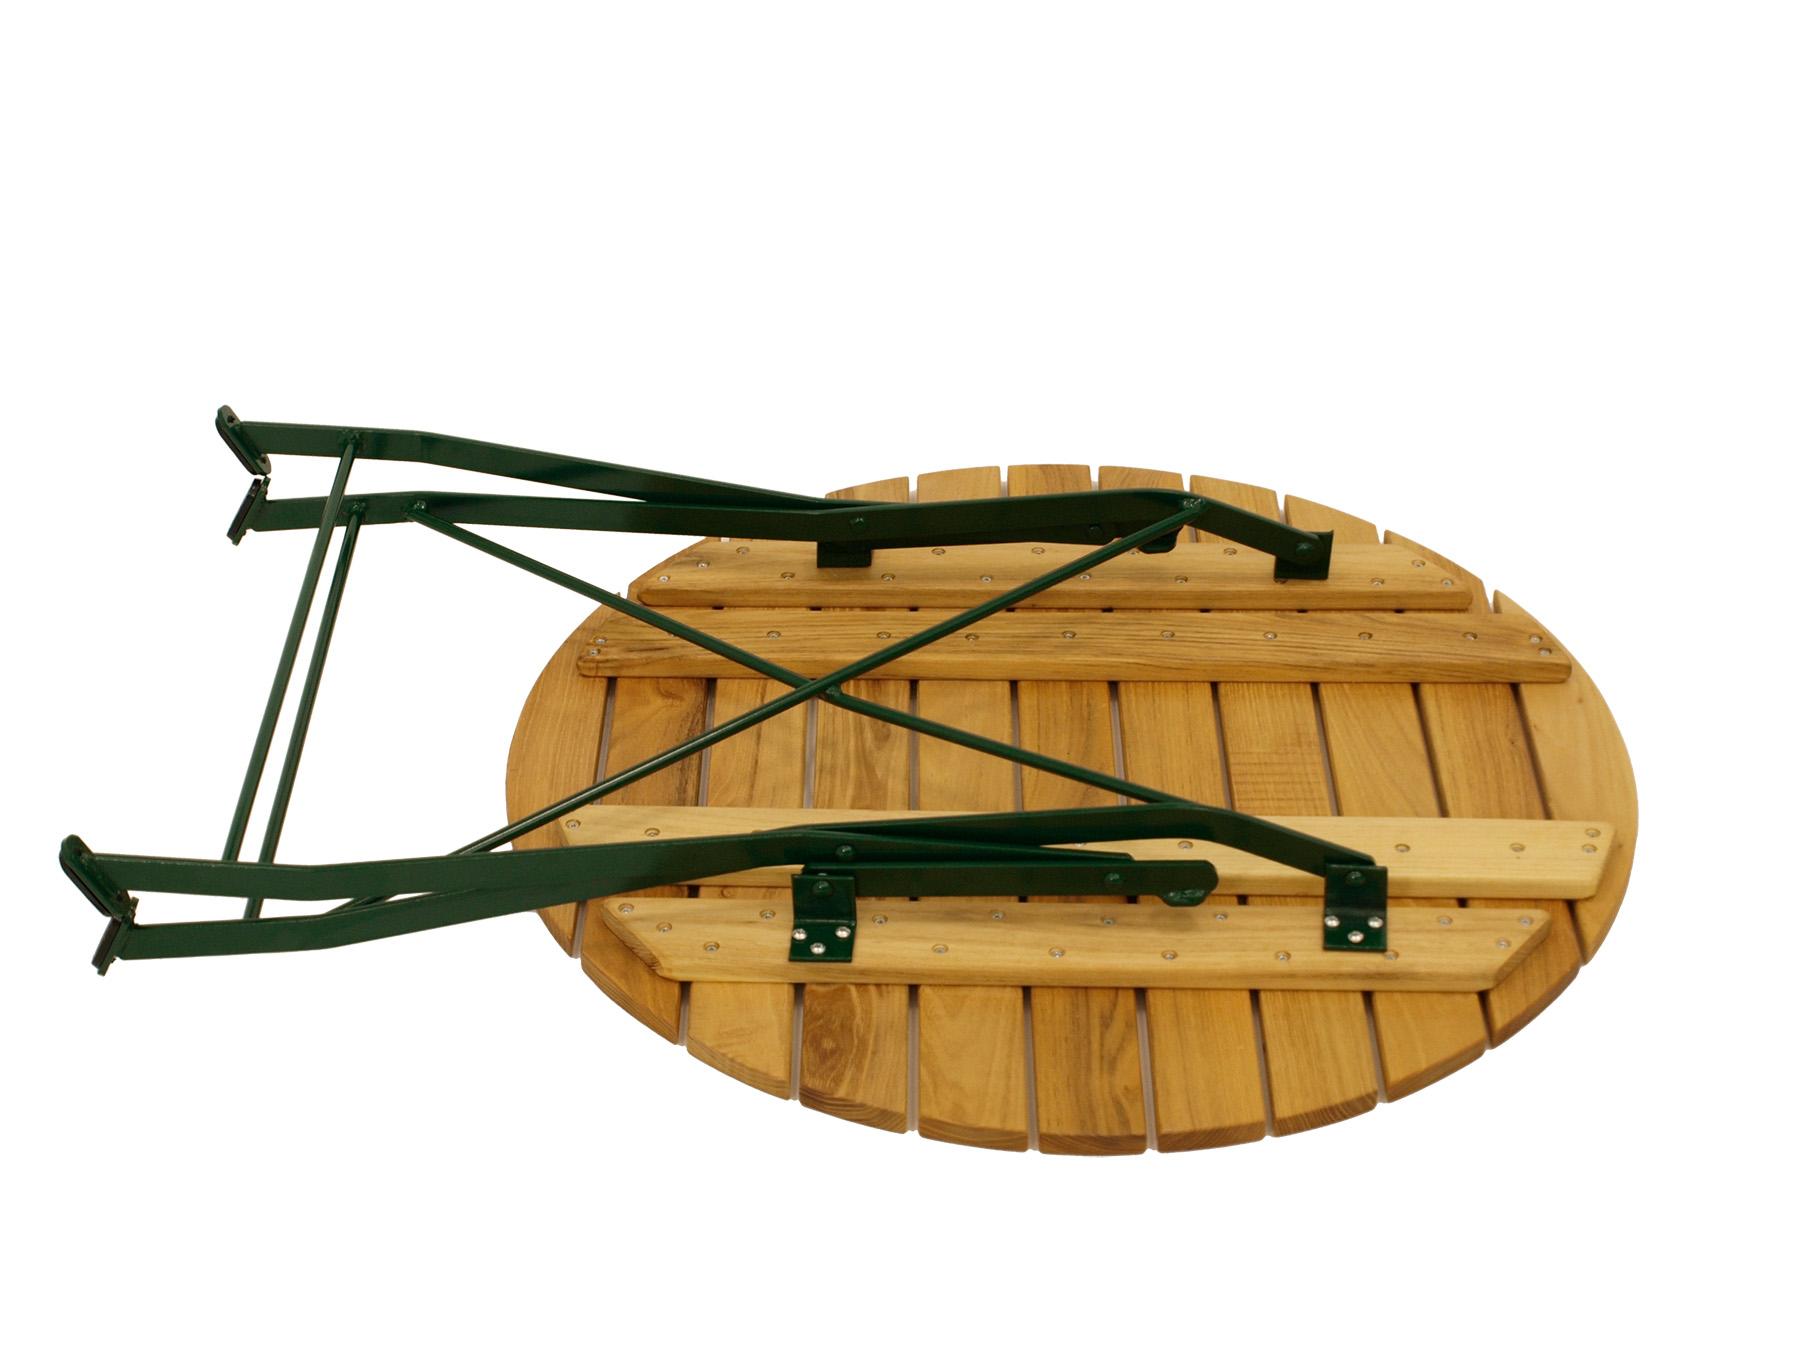 Klapptisch BAD TÖLZ 77cm rund, Flachstahl grün + Robinie